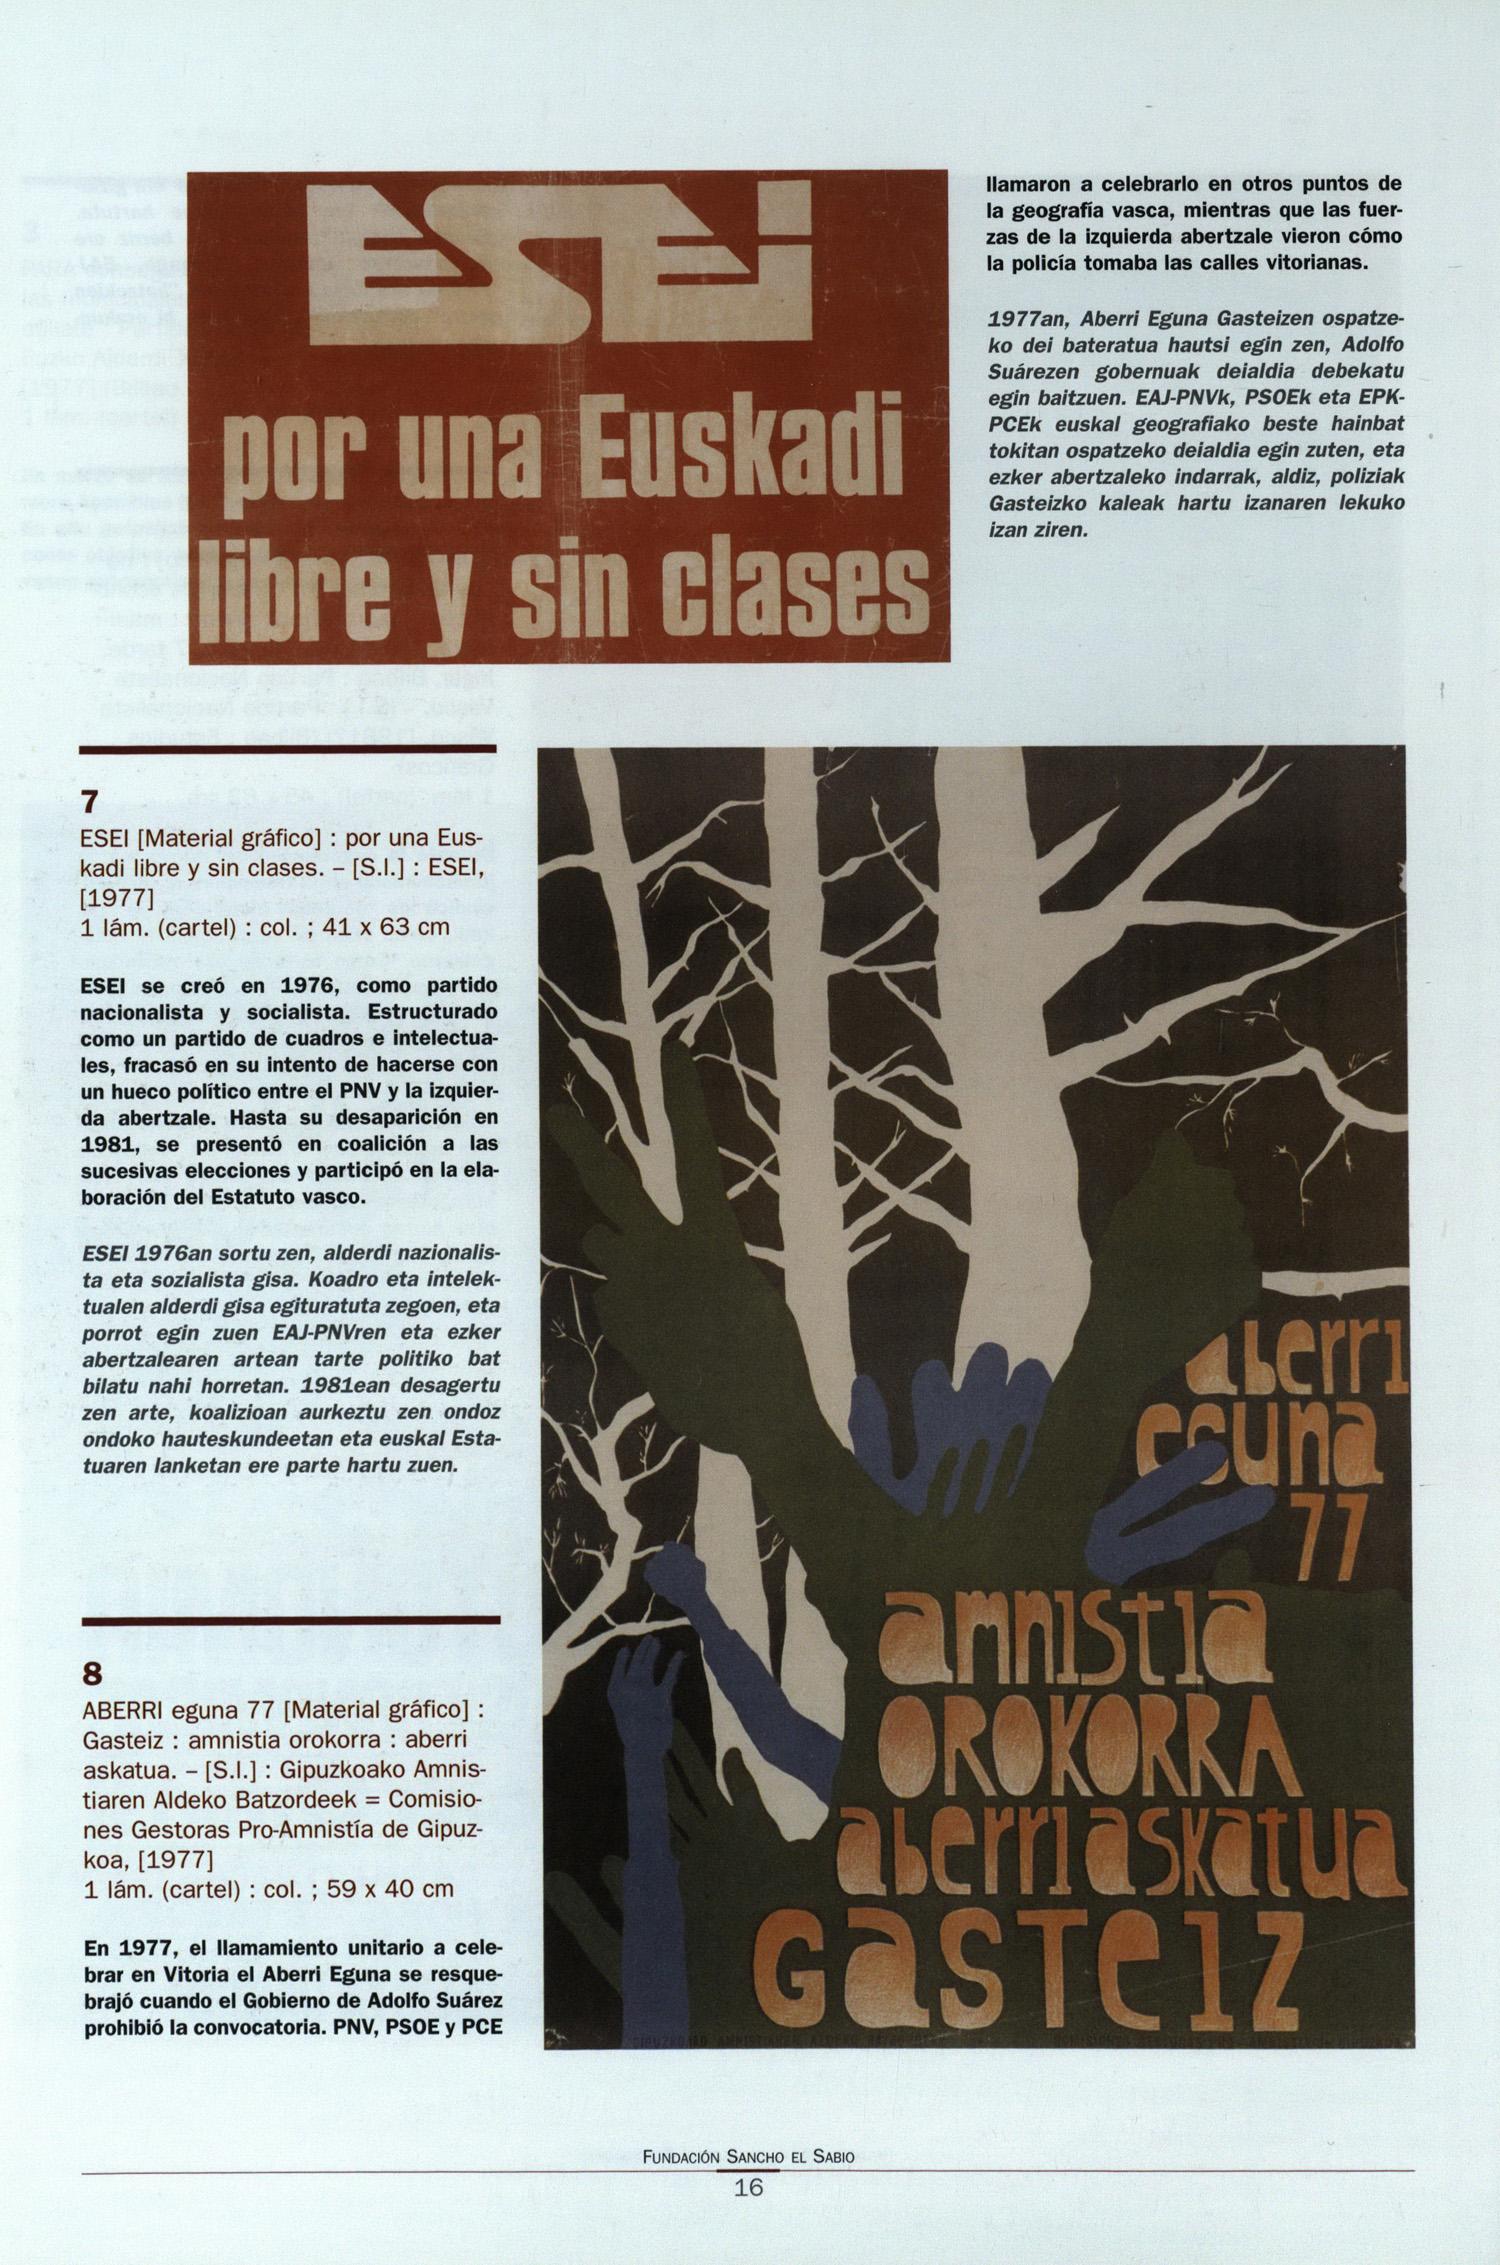 EMD Fundacion Sancho el Sabio Fundazioa: Afiches : paredes con ...